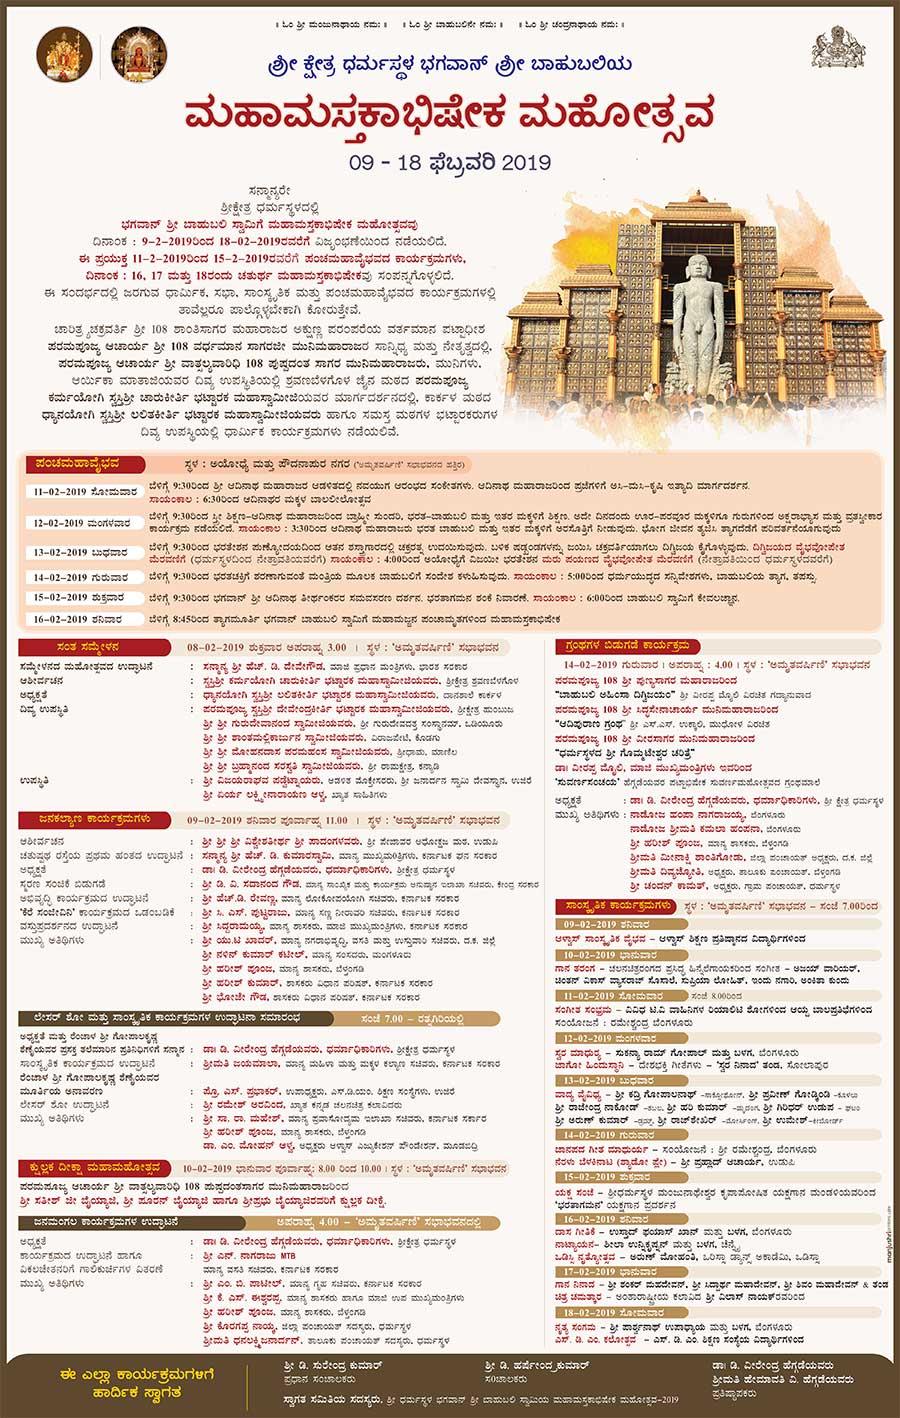 Dharmasthala Bahubali